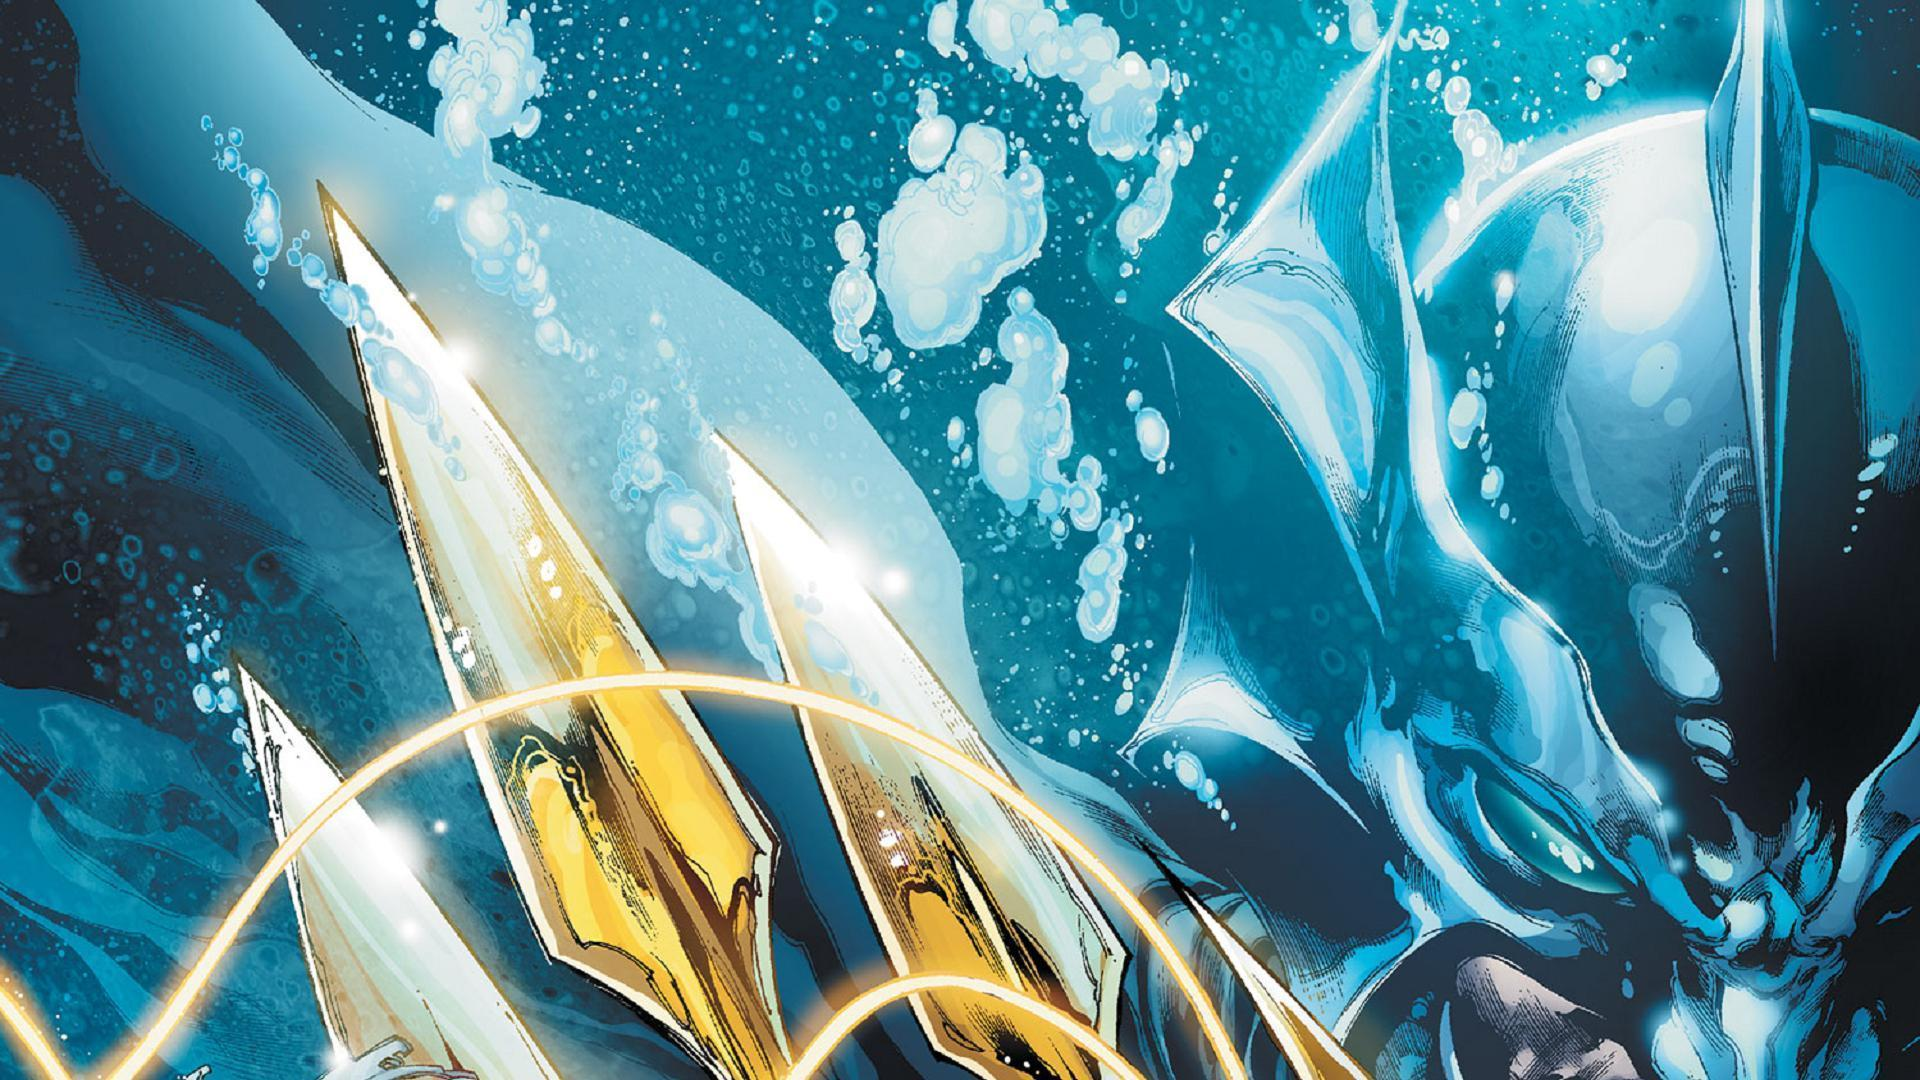 aquaman wallpaper - photo #11